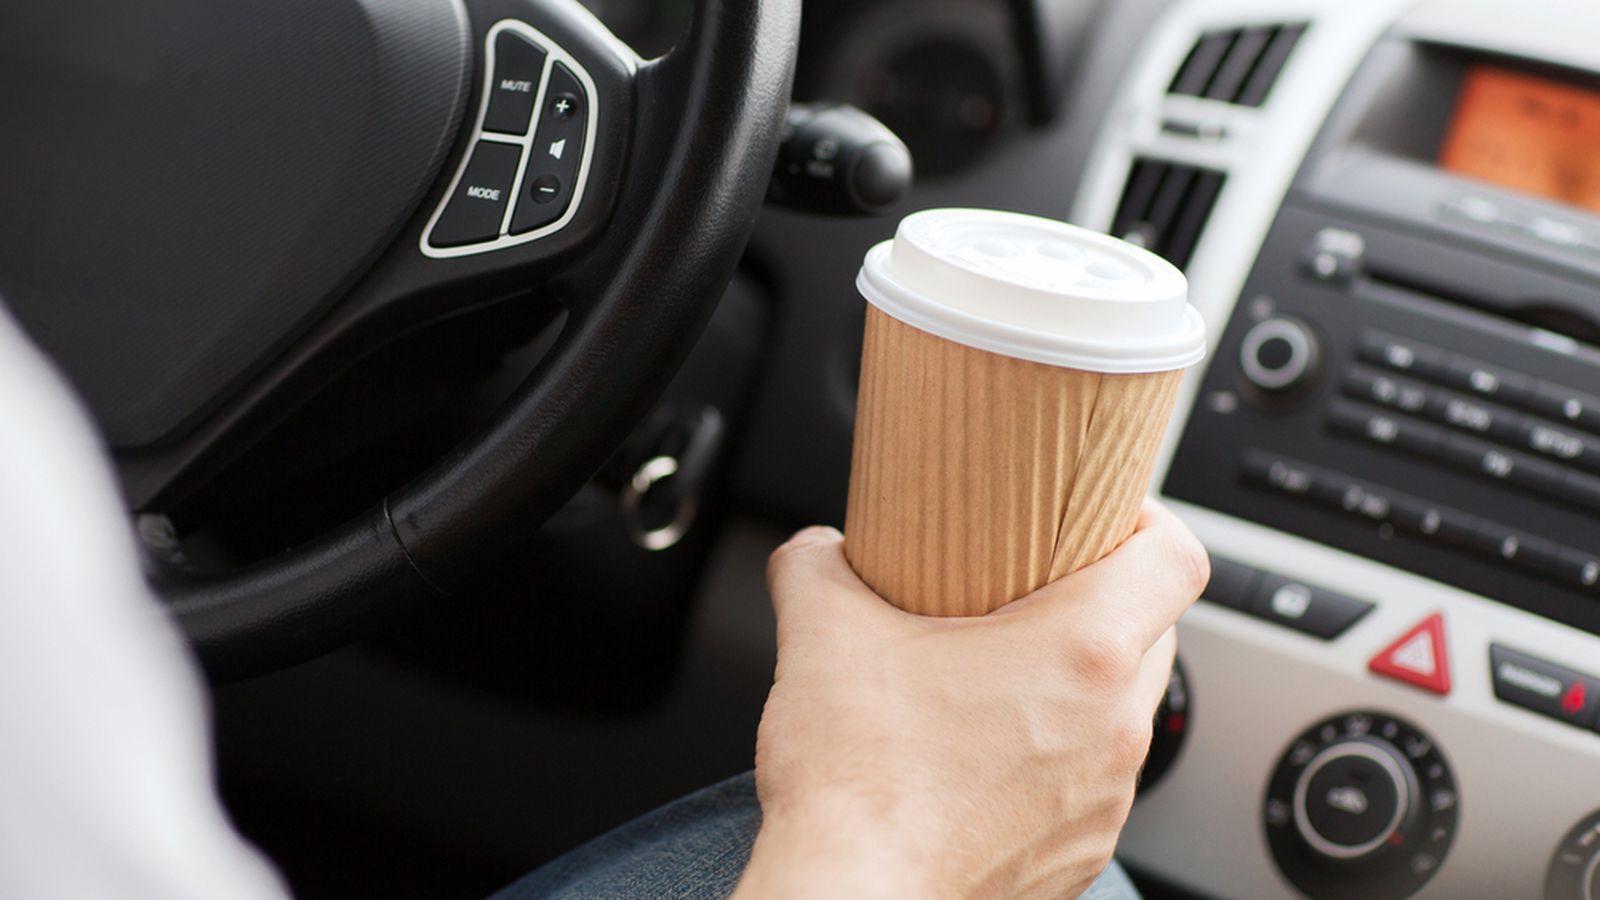 Ám ảnh vì chứng say xe mỗi dịp Tết thì đừng bỏ qua những mẹo khắc phục cực hữu ích này - Ảnh 2.